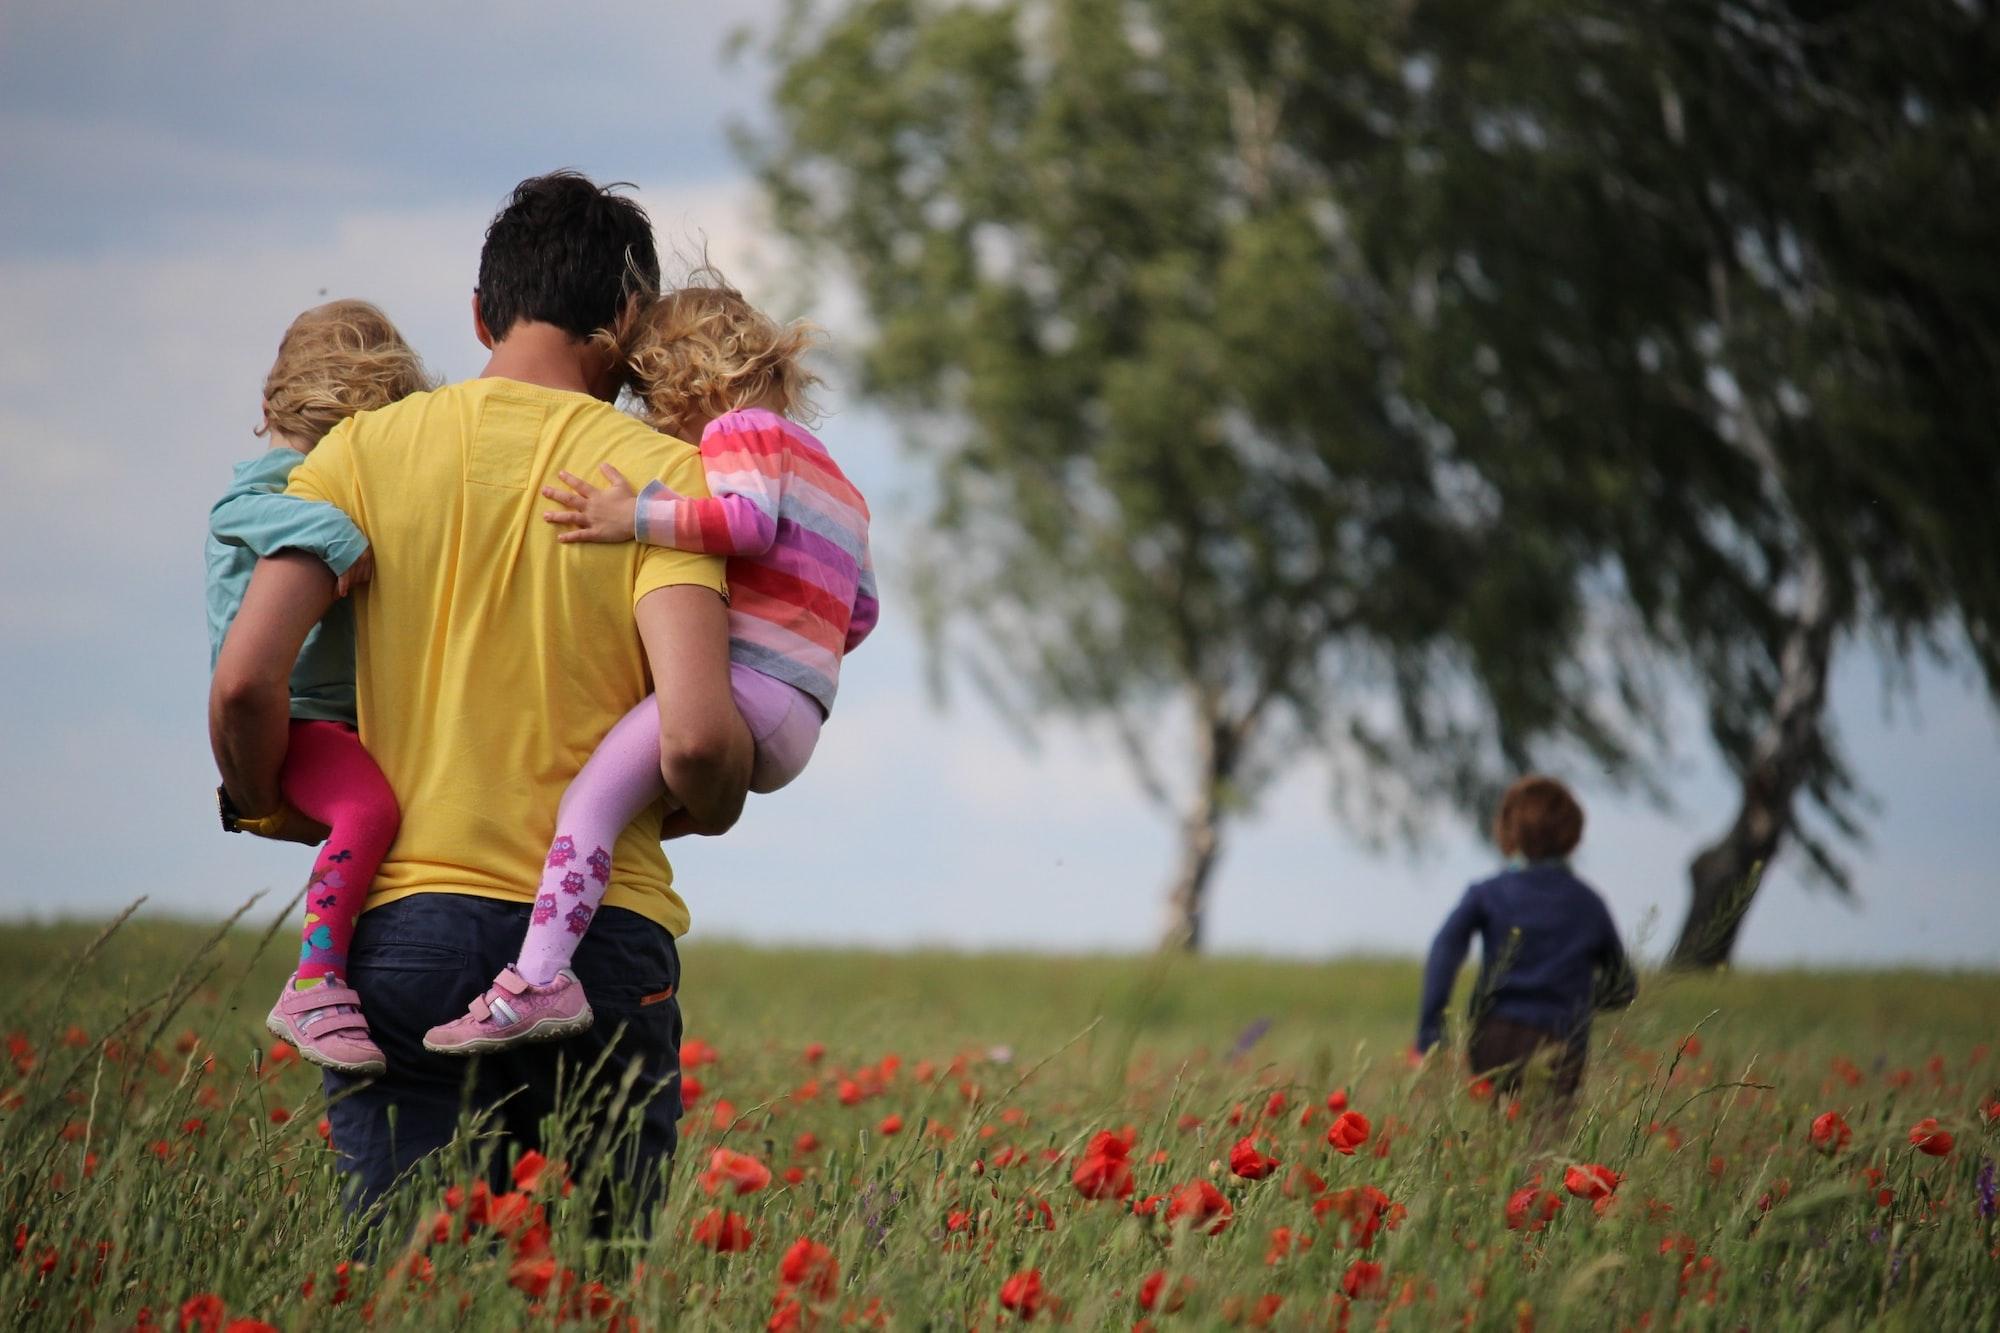 Führung auf Augenhöhe - Der autoritative Erziehungsstil für mehr Resilienz in deiner Familie